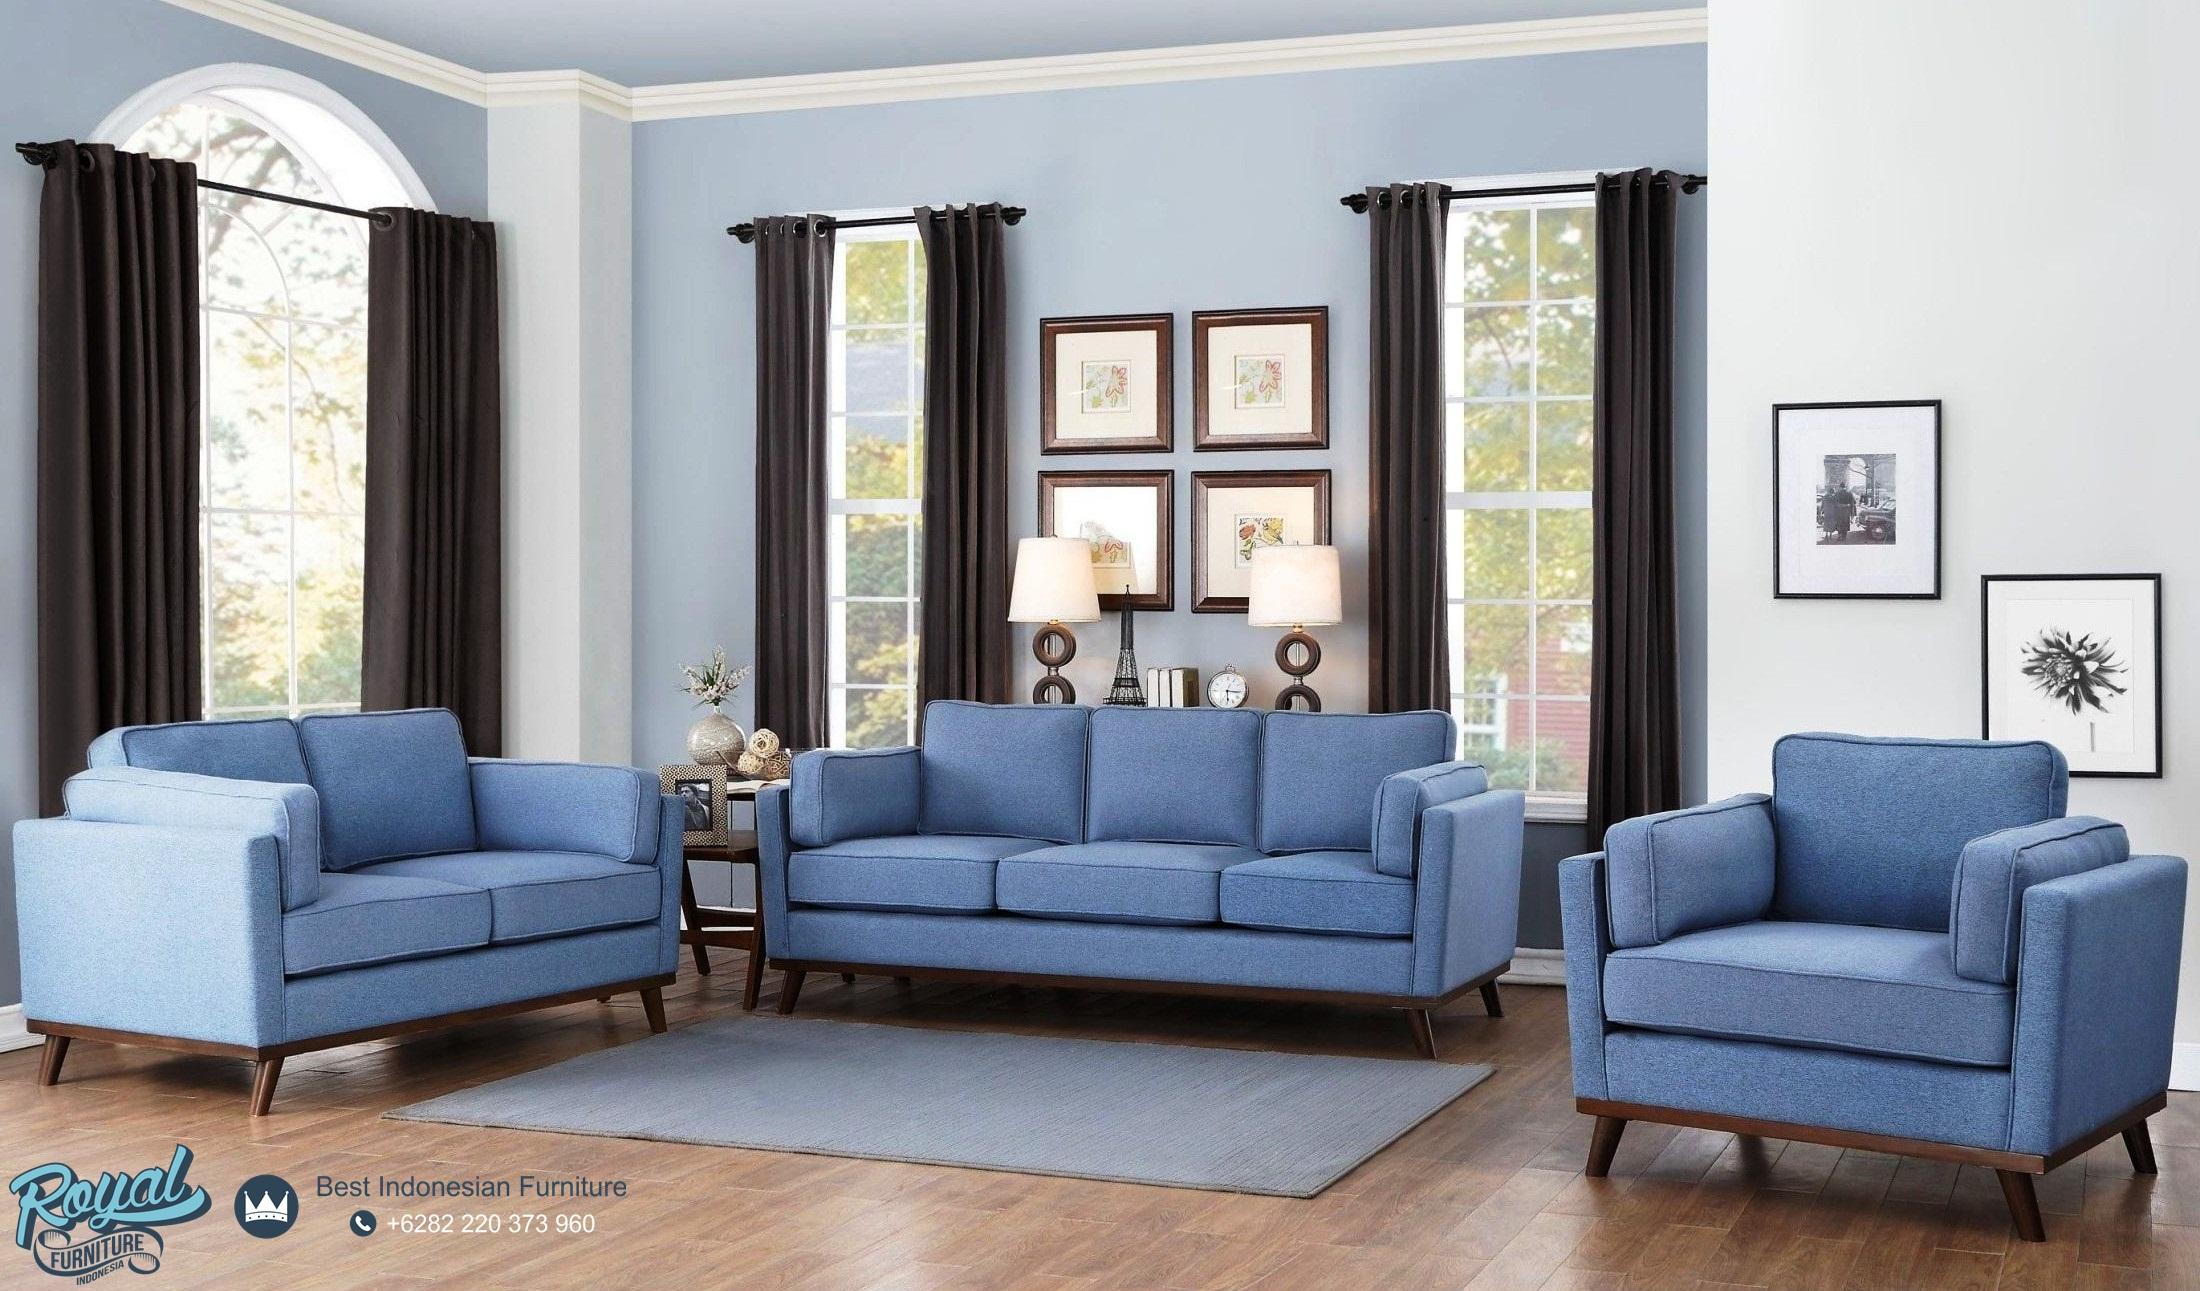 Sofa Jepara Minimalis Terbaru Kayu Jati Retro Fabric, sofa tamu minimalis terbaru 2020, kursi tamu sofa minimalis, meja kursi minimalis ruang tamu, sofa ruang tamu mewah, ruang tamu minimalis, harga kursi sofa minimalis jati jepara, sofa tamu mewah terbaru, sofa tamu minimalis mewah, sofa tamu minimalis kayu jati jepara, kursi tamu minimalis terbaru, sofa ruang tamu minimalis model terbaru, sofa tamu jati minimalis murah, sofa tamu jepara terbaru, desain sofa tamu minimalis terbaru, toko furniture jepara, furniture jepara store, pusat jual furniture di jepara, royal furniture, royal furniture jepara